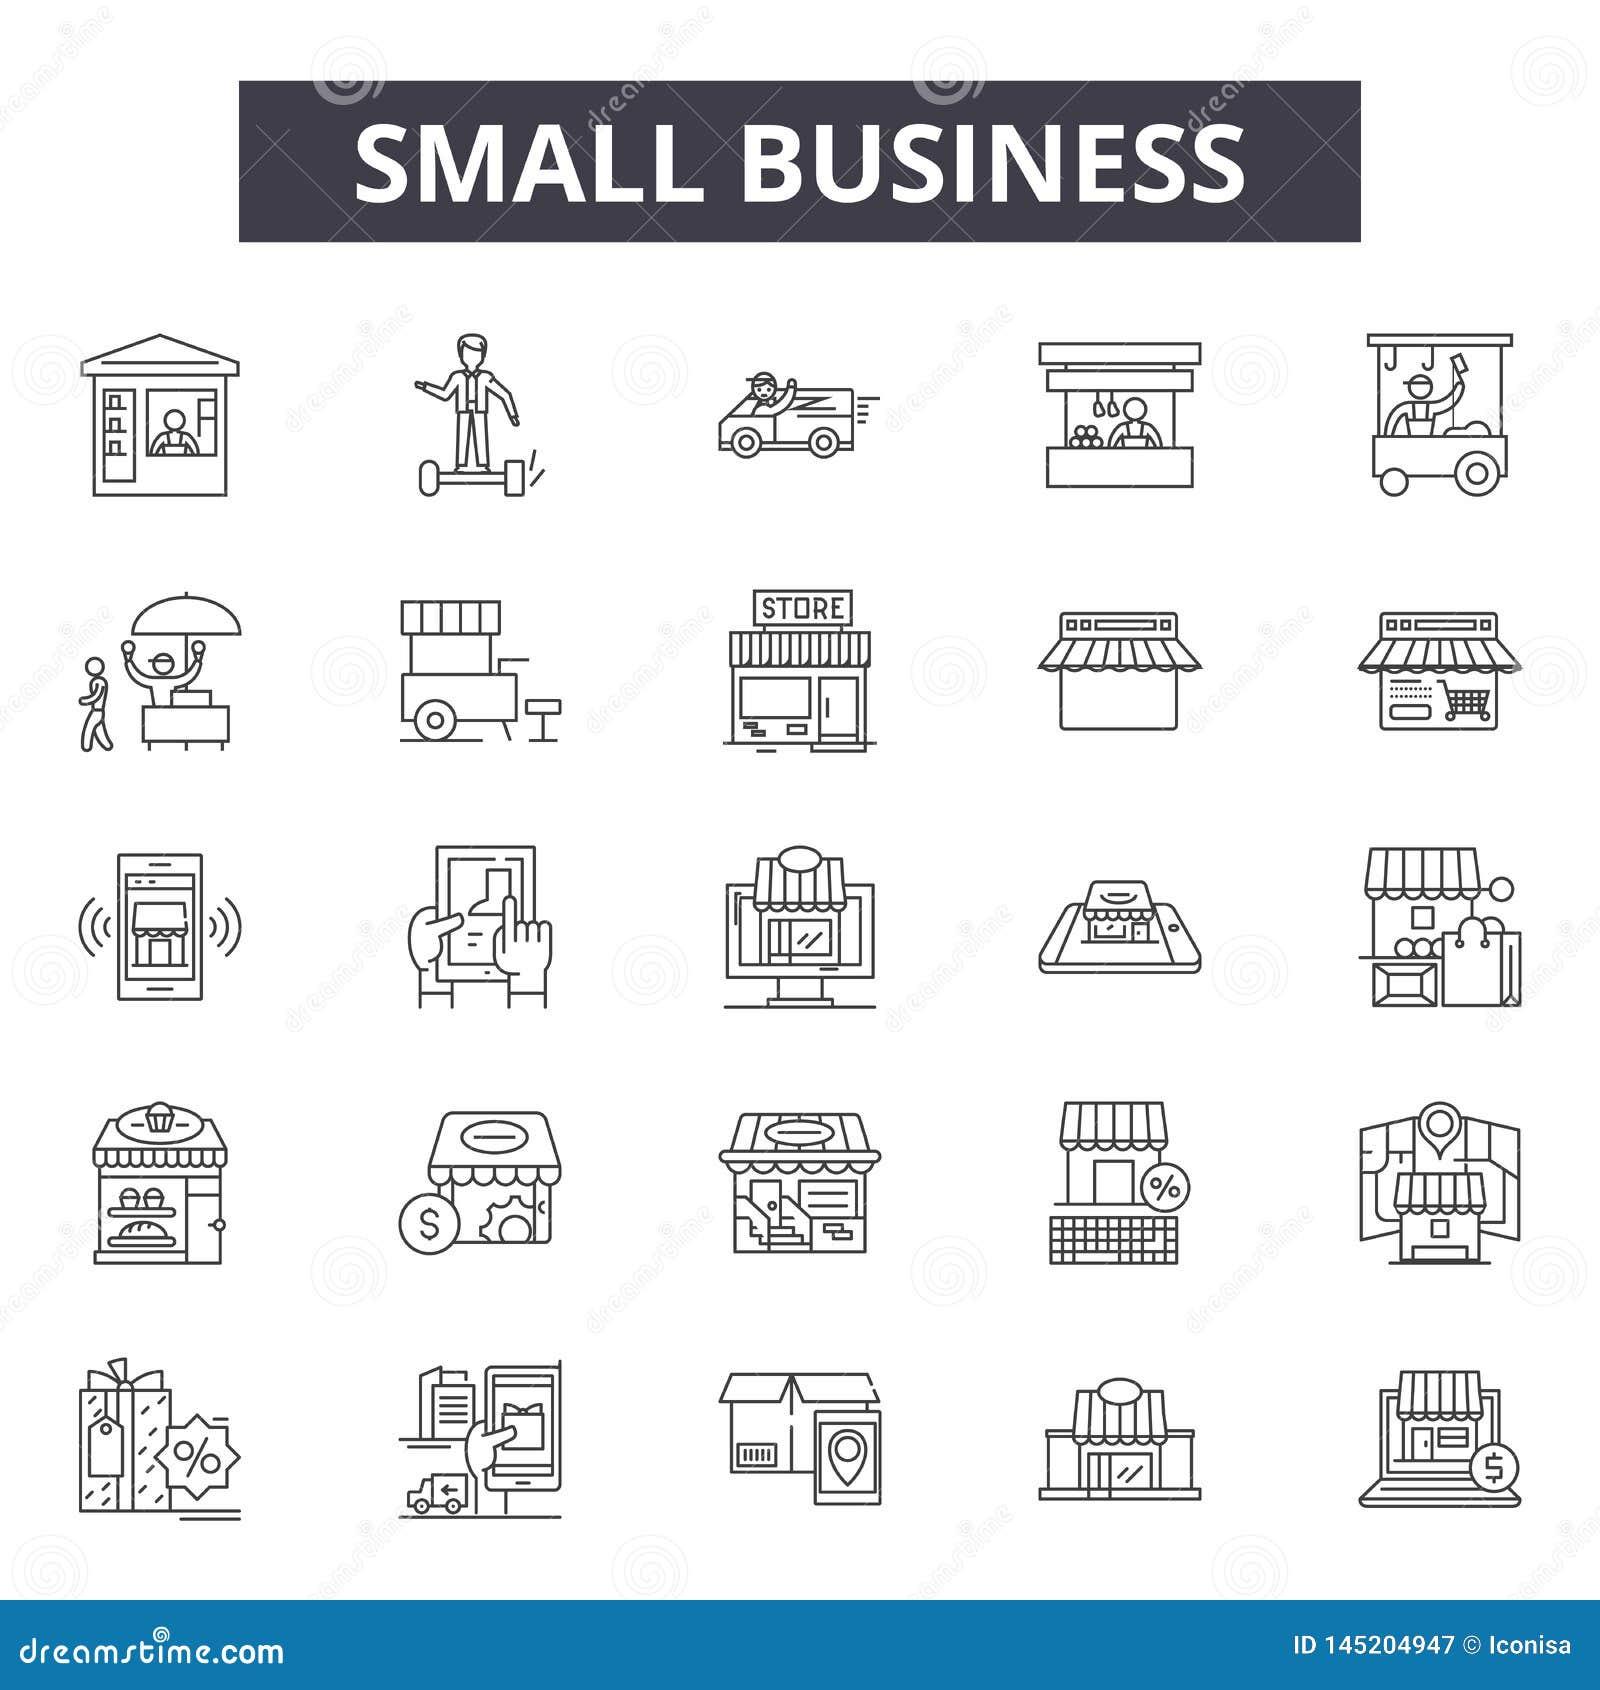 Mały biznes linii ikony, znaki, wektoru set, kontur ilustracji pojęcie